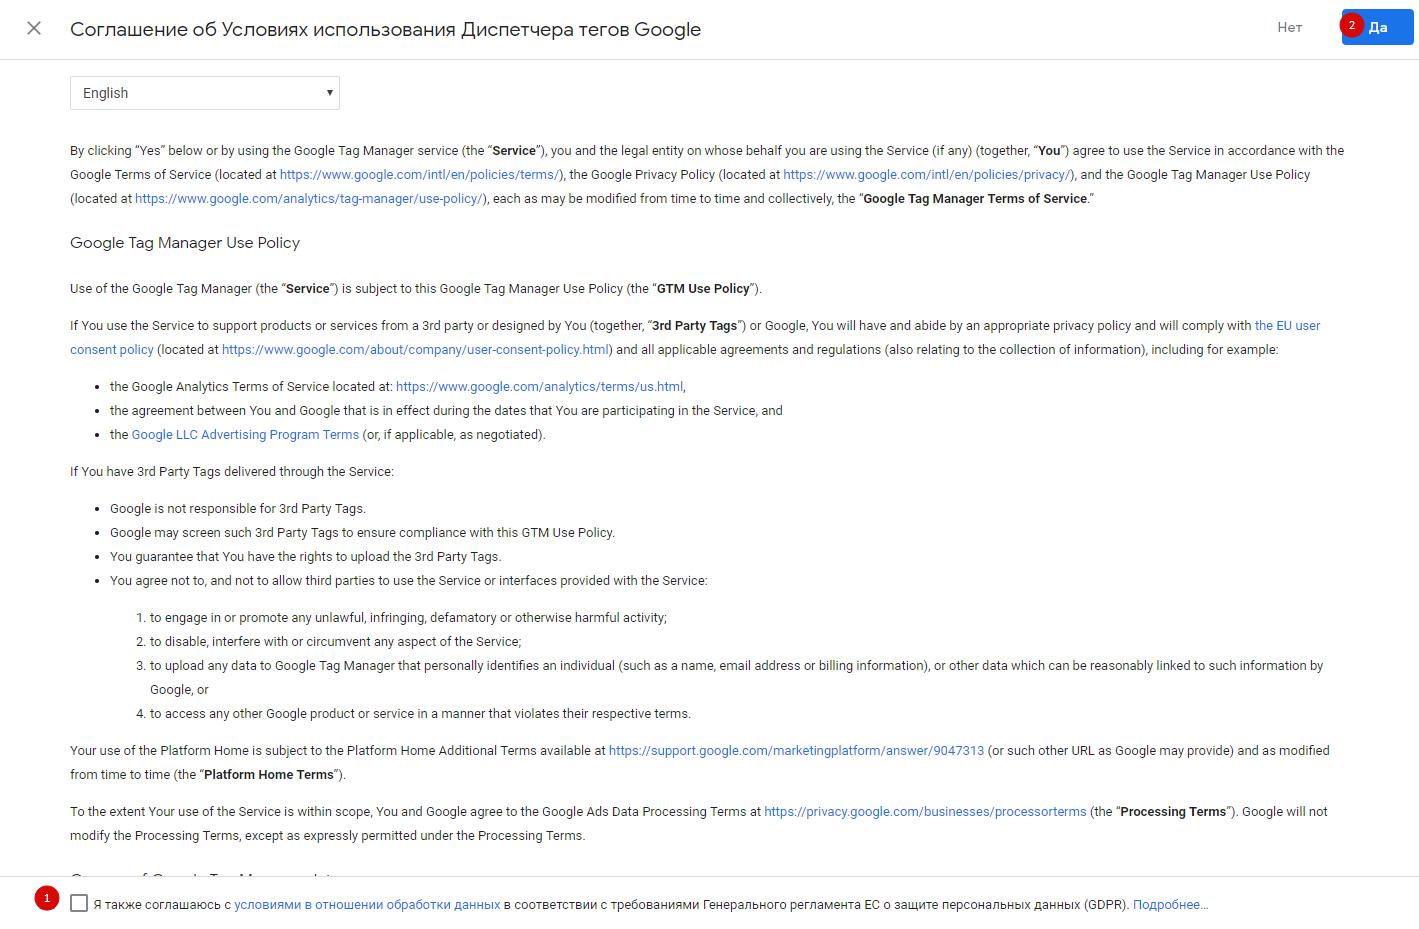 Соглашение об условиях использования диспечера тегов Google